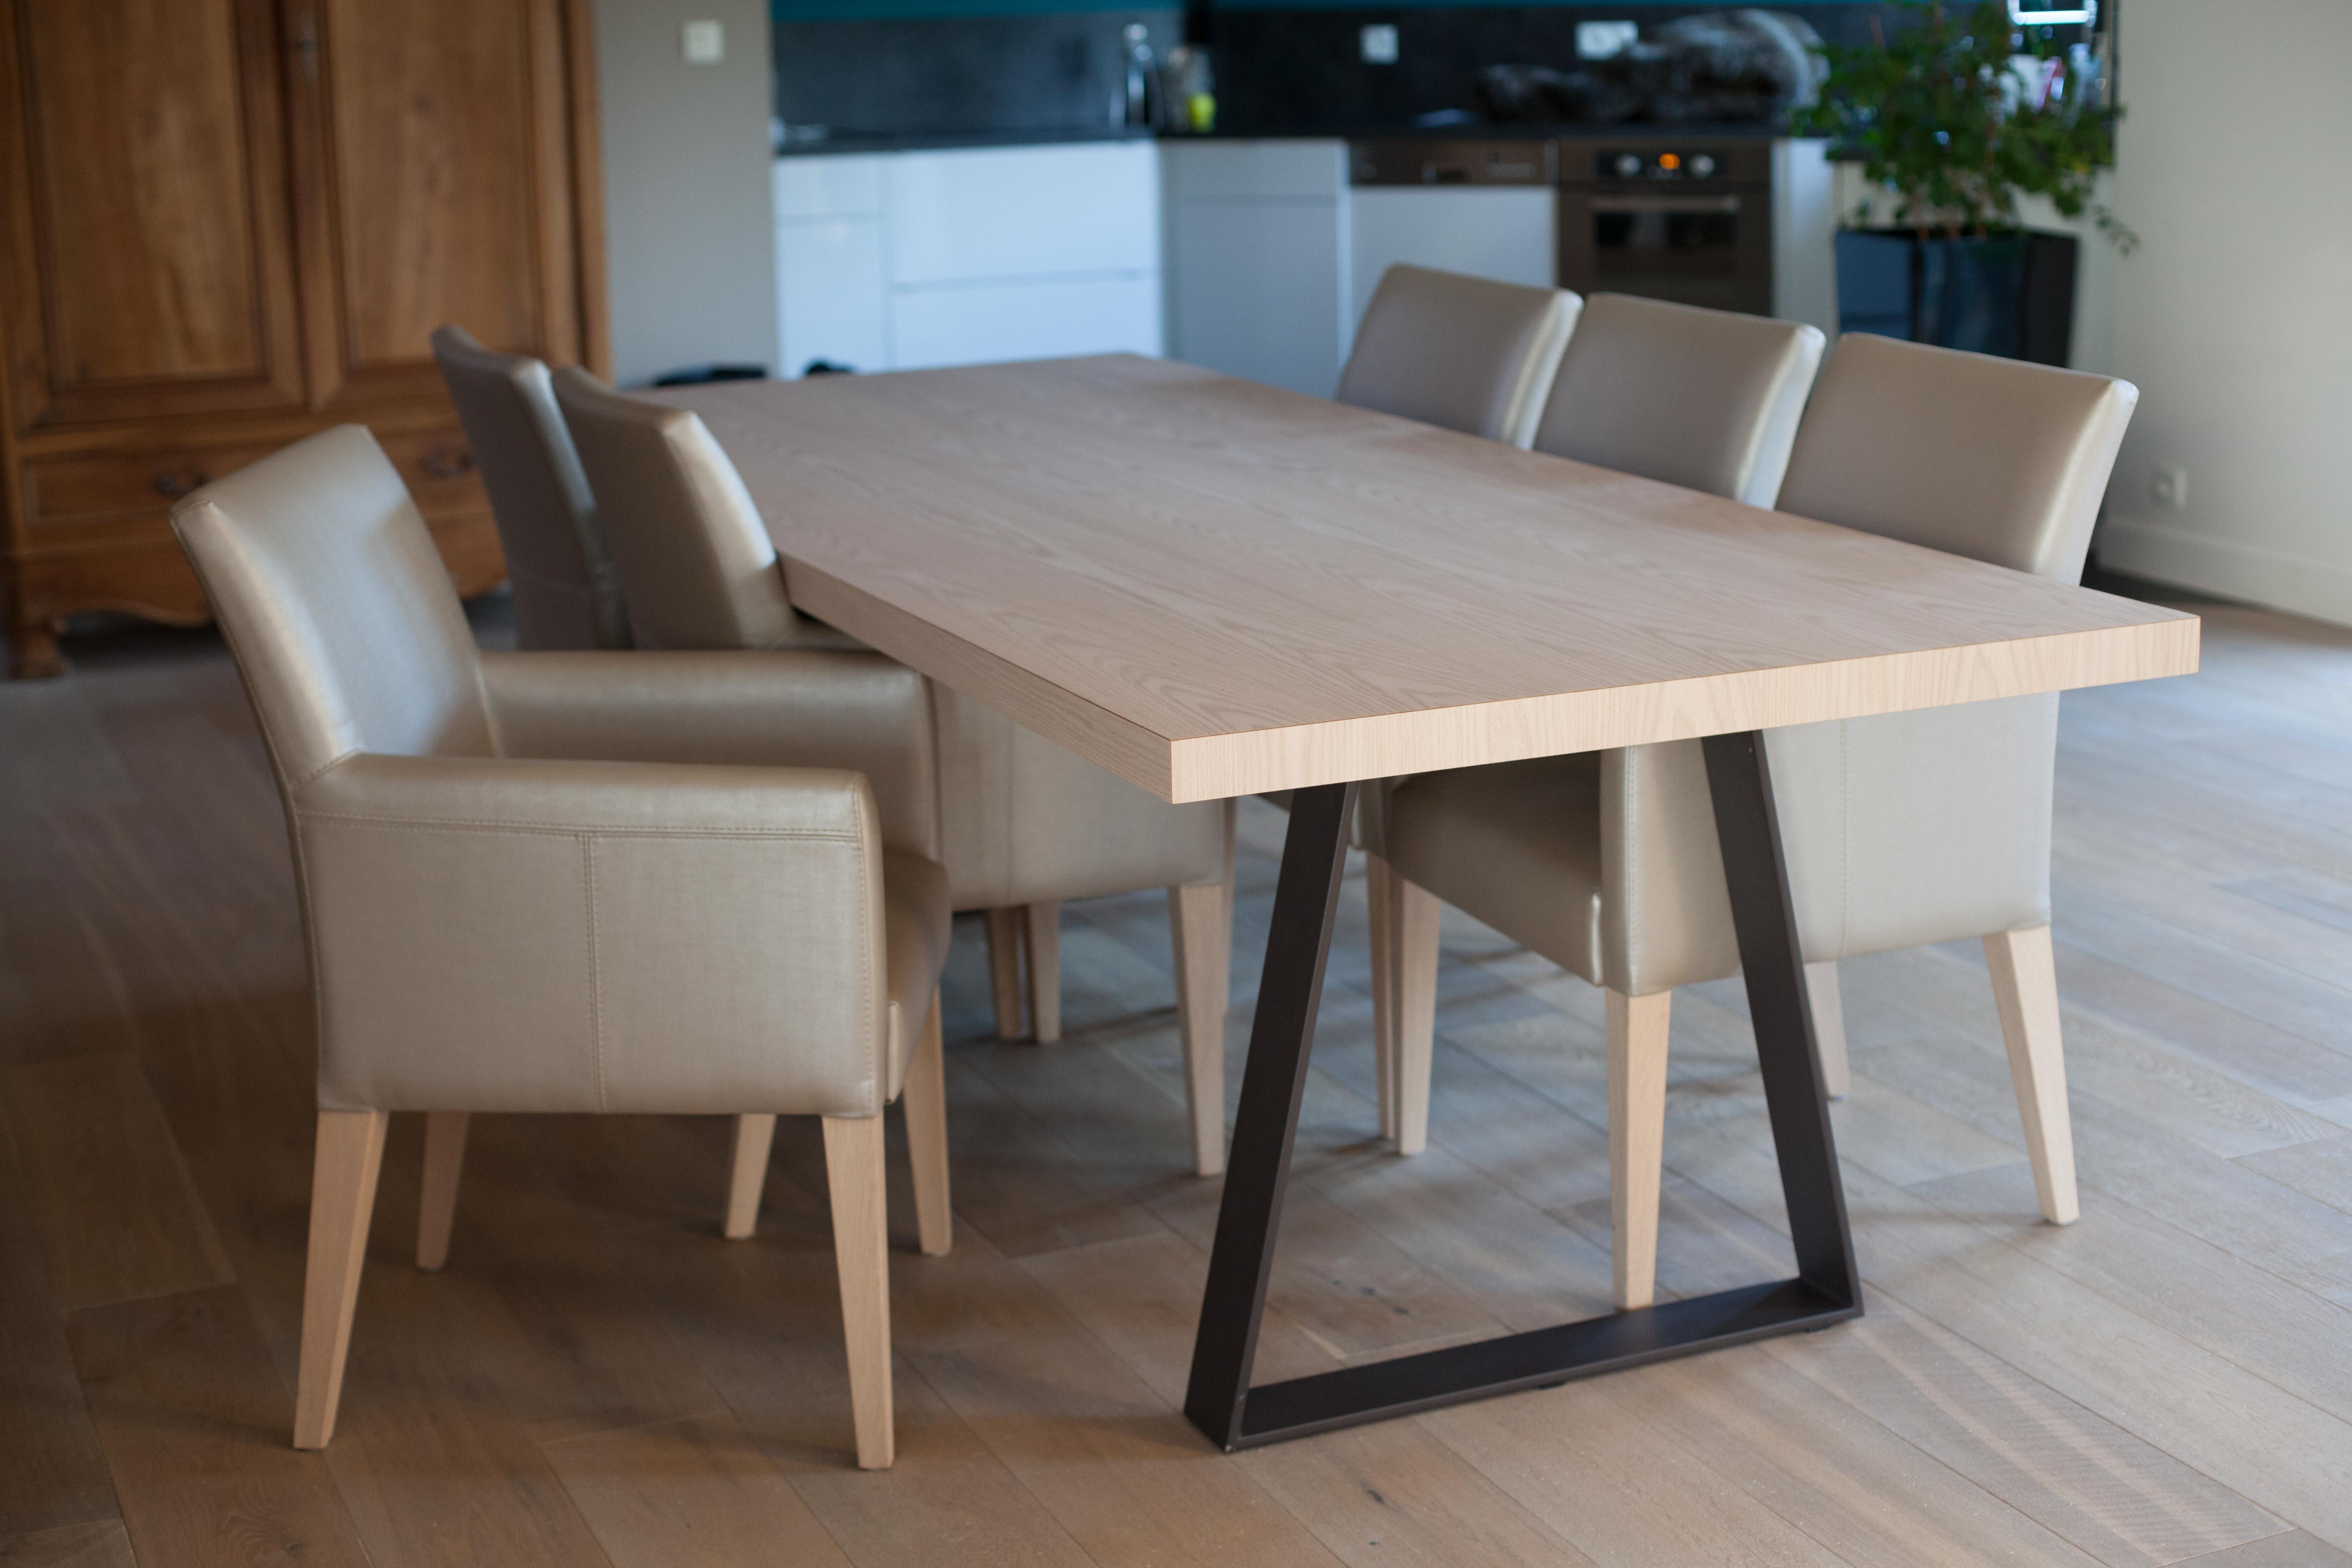 Table mélange Bois-métal